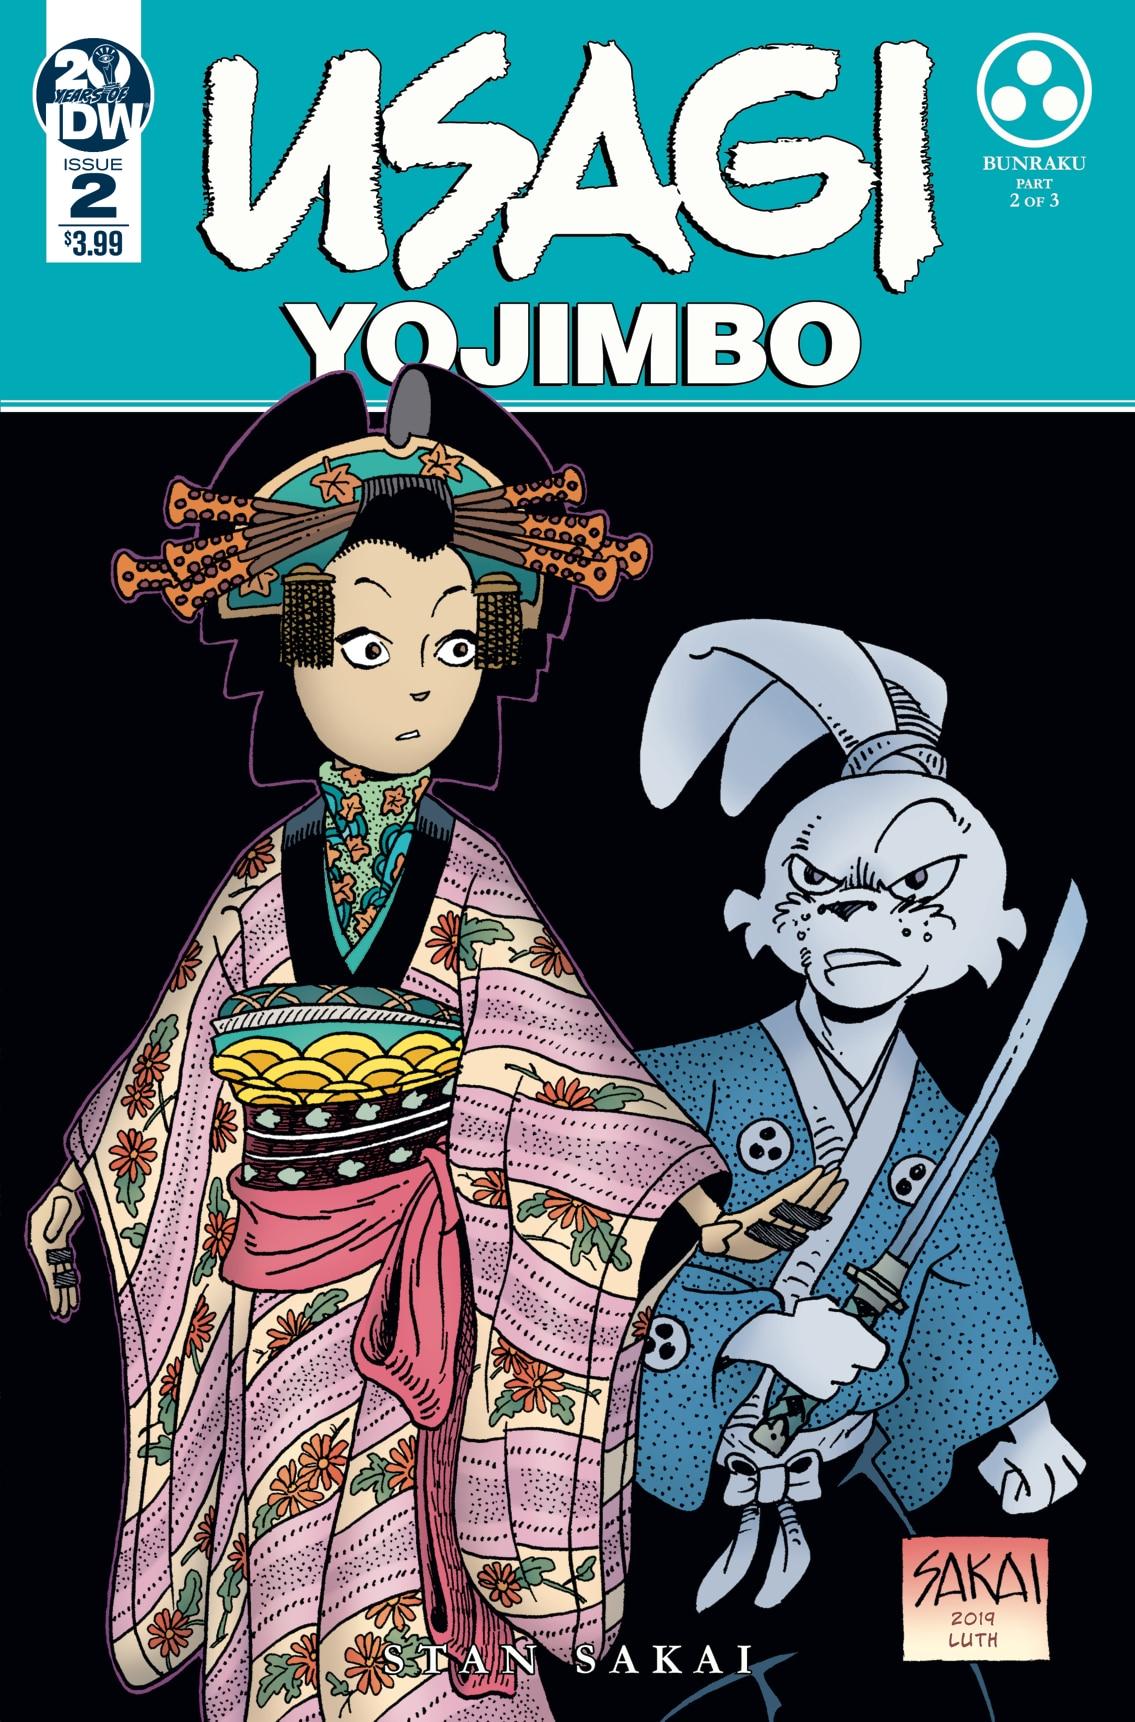 Usagi Yojimbo #2